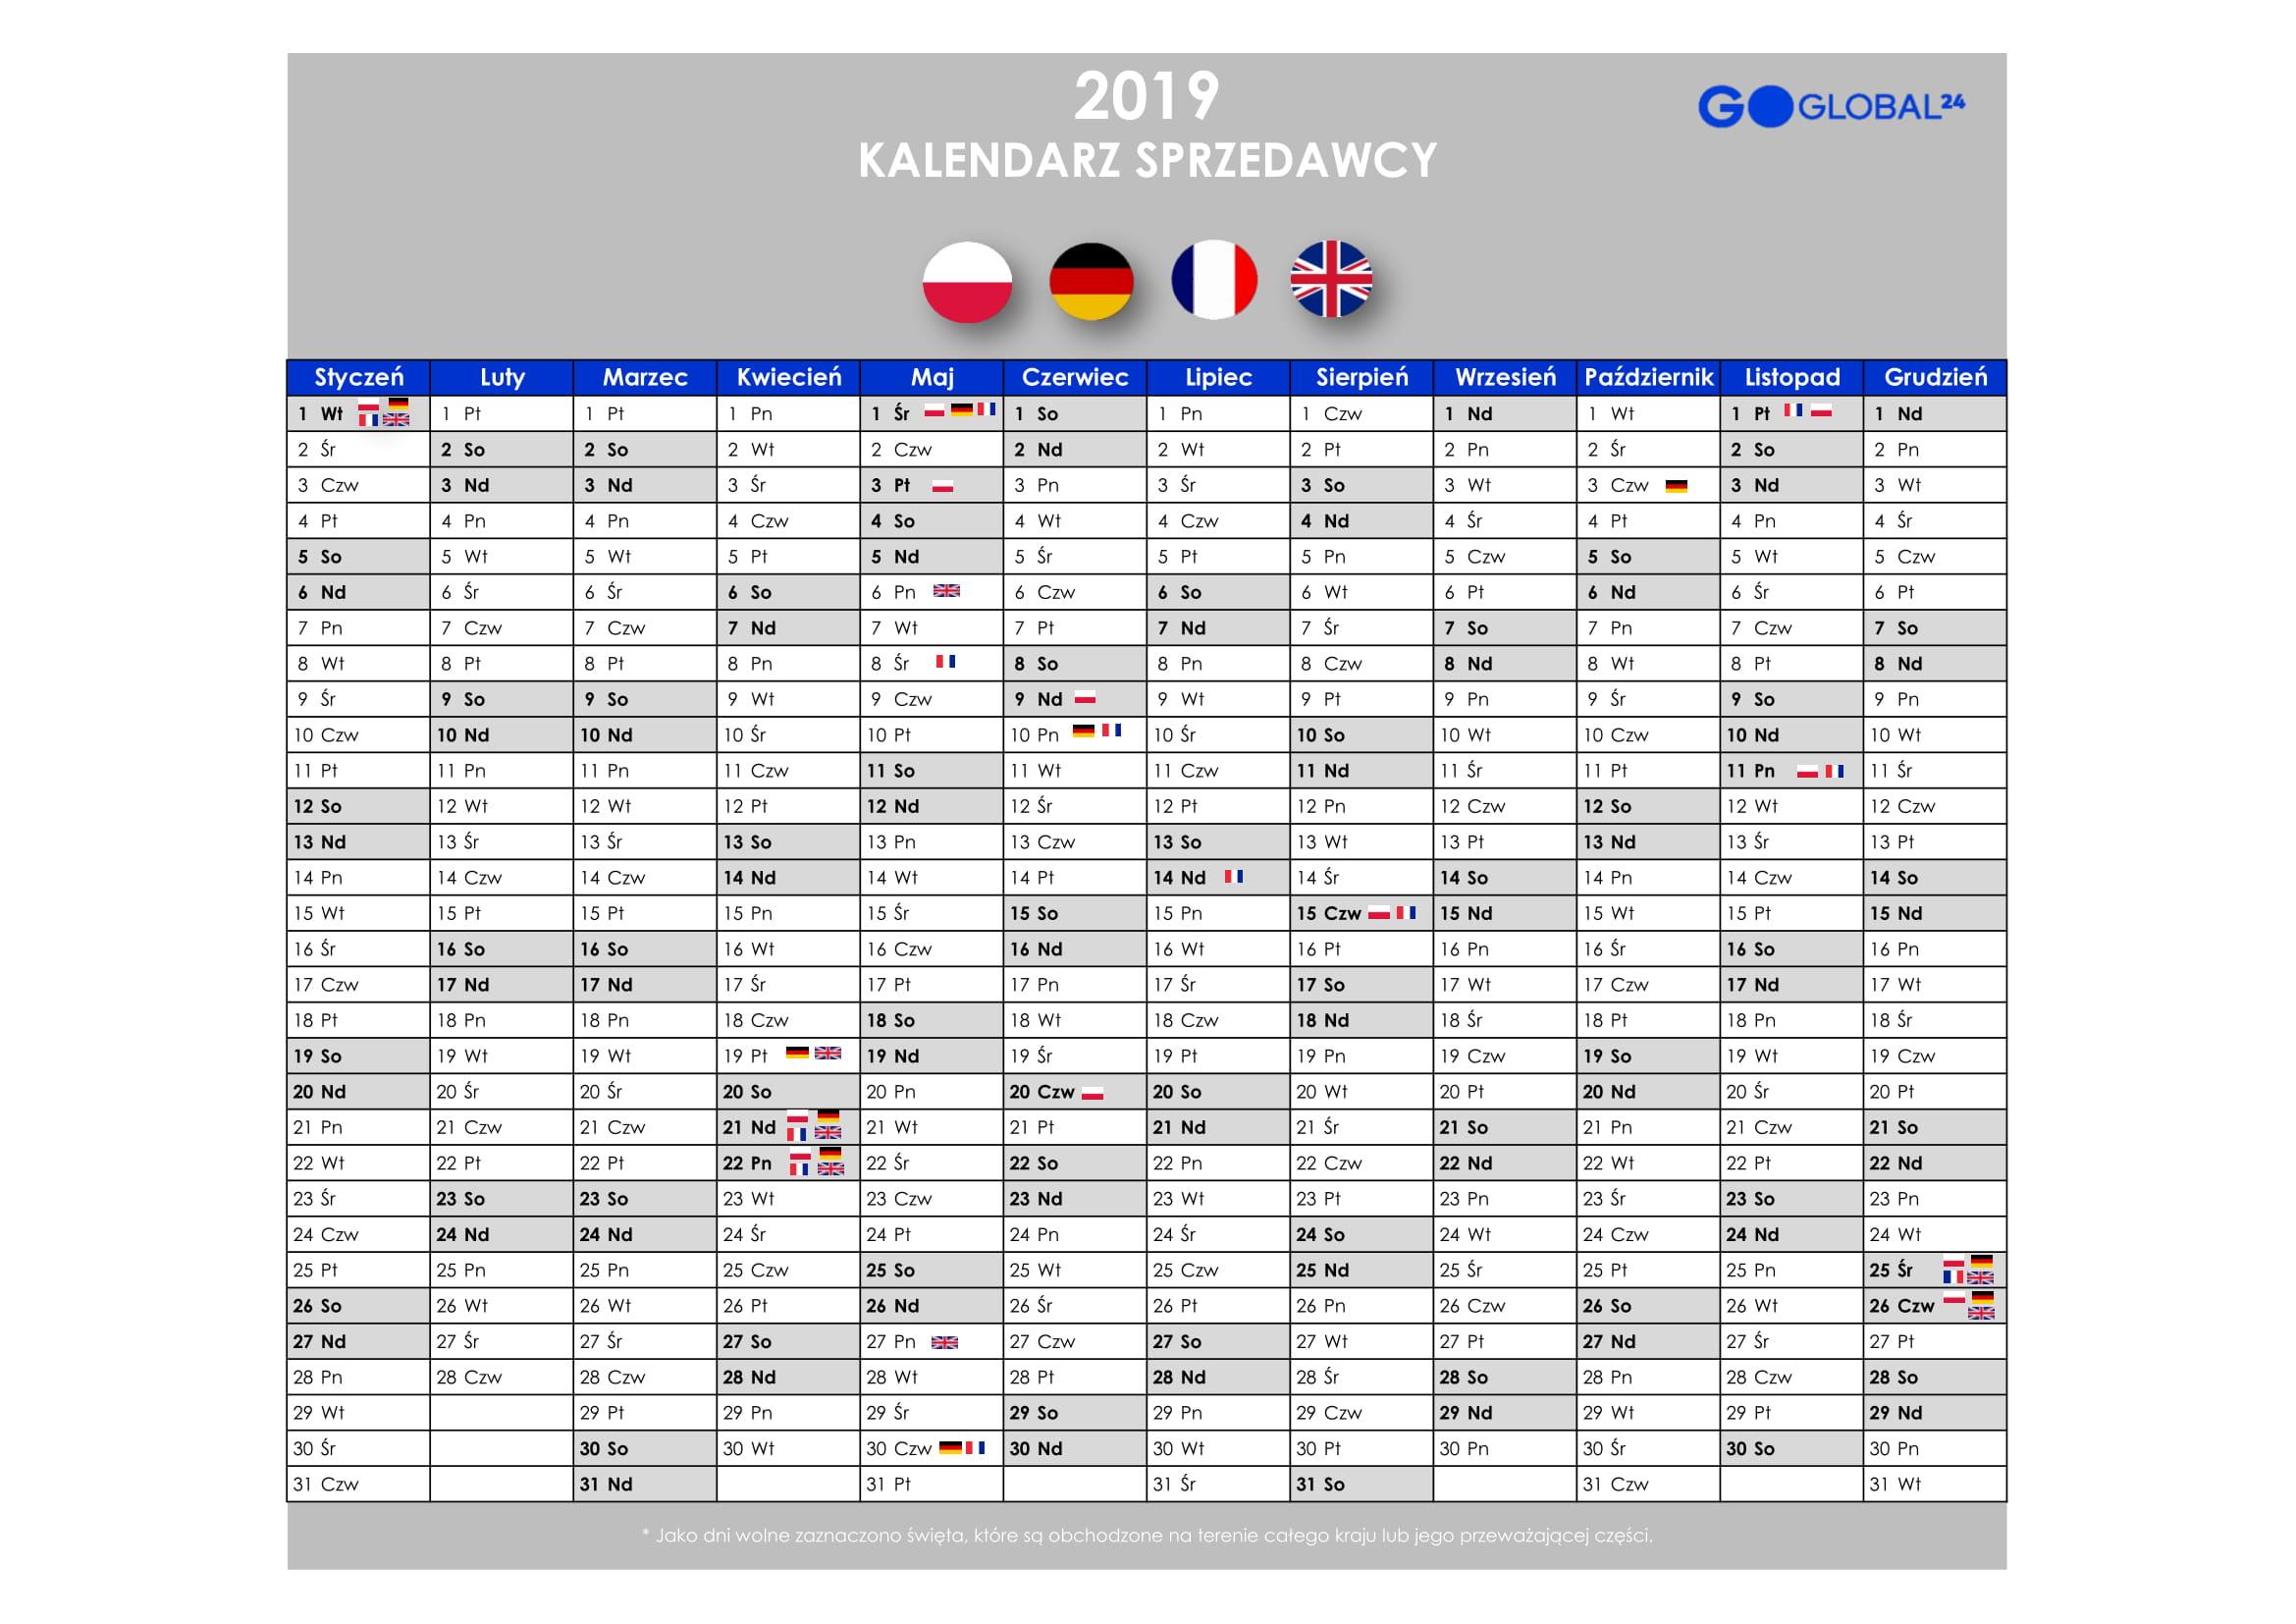 Kalendarz sprzedawcy